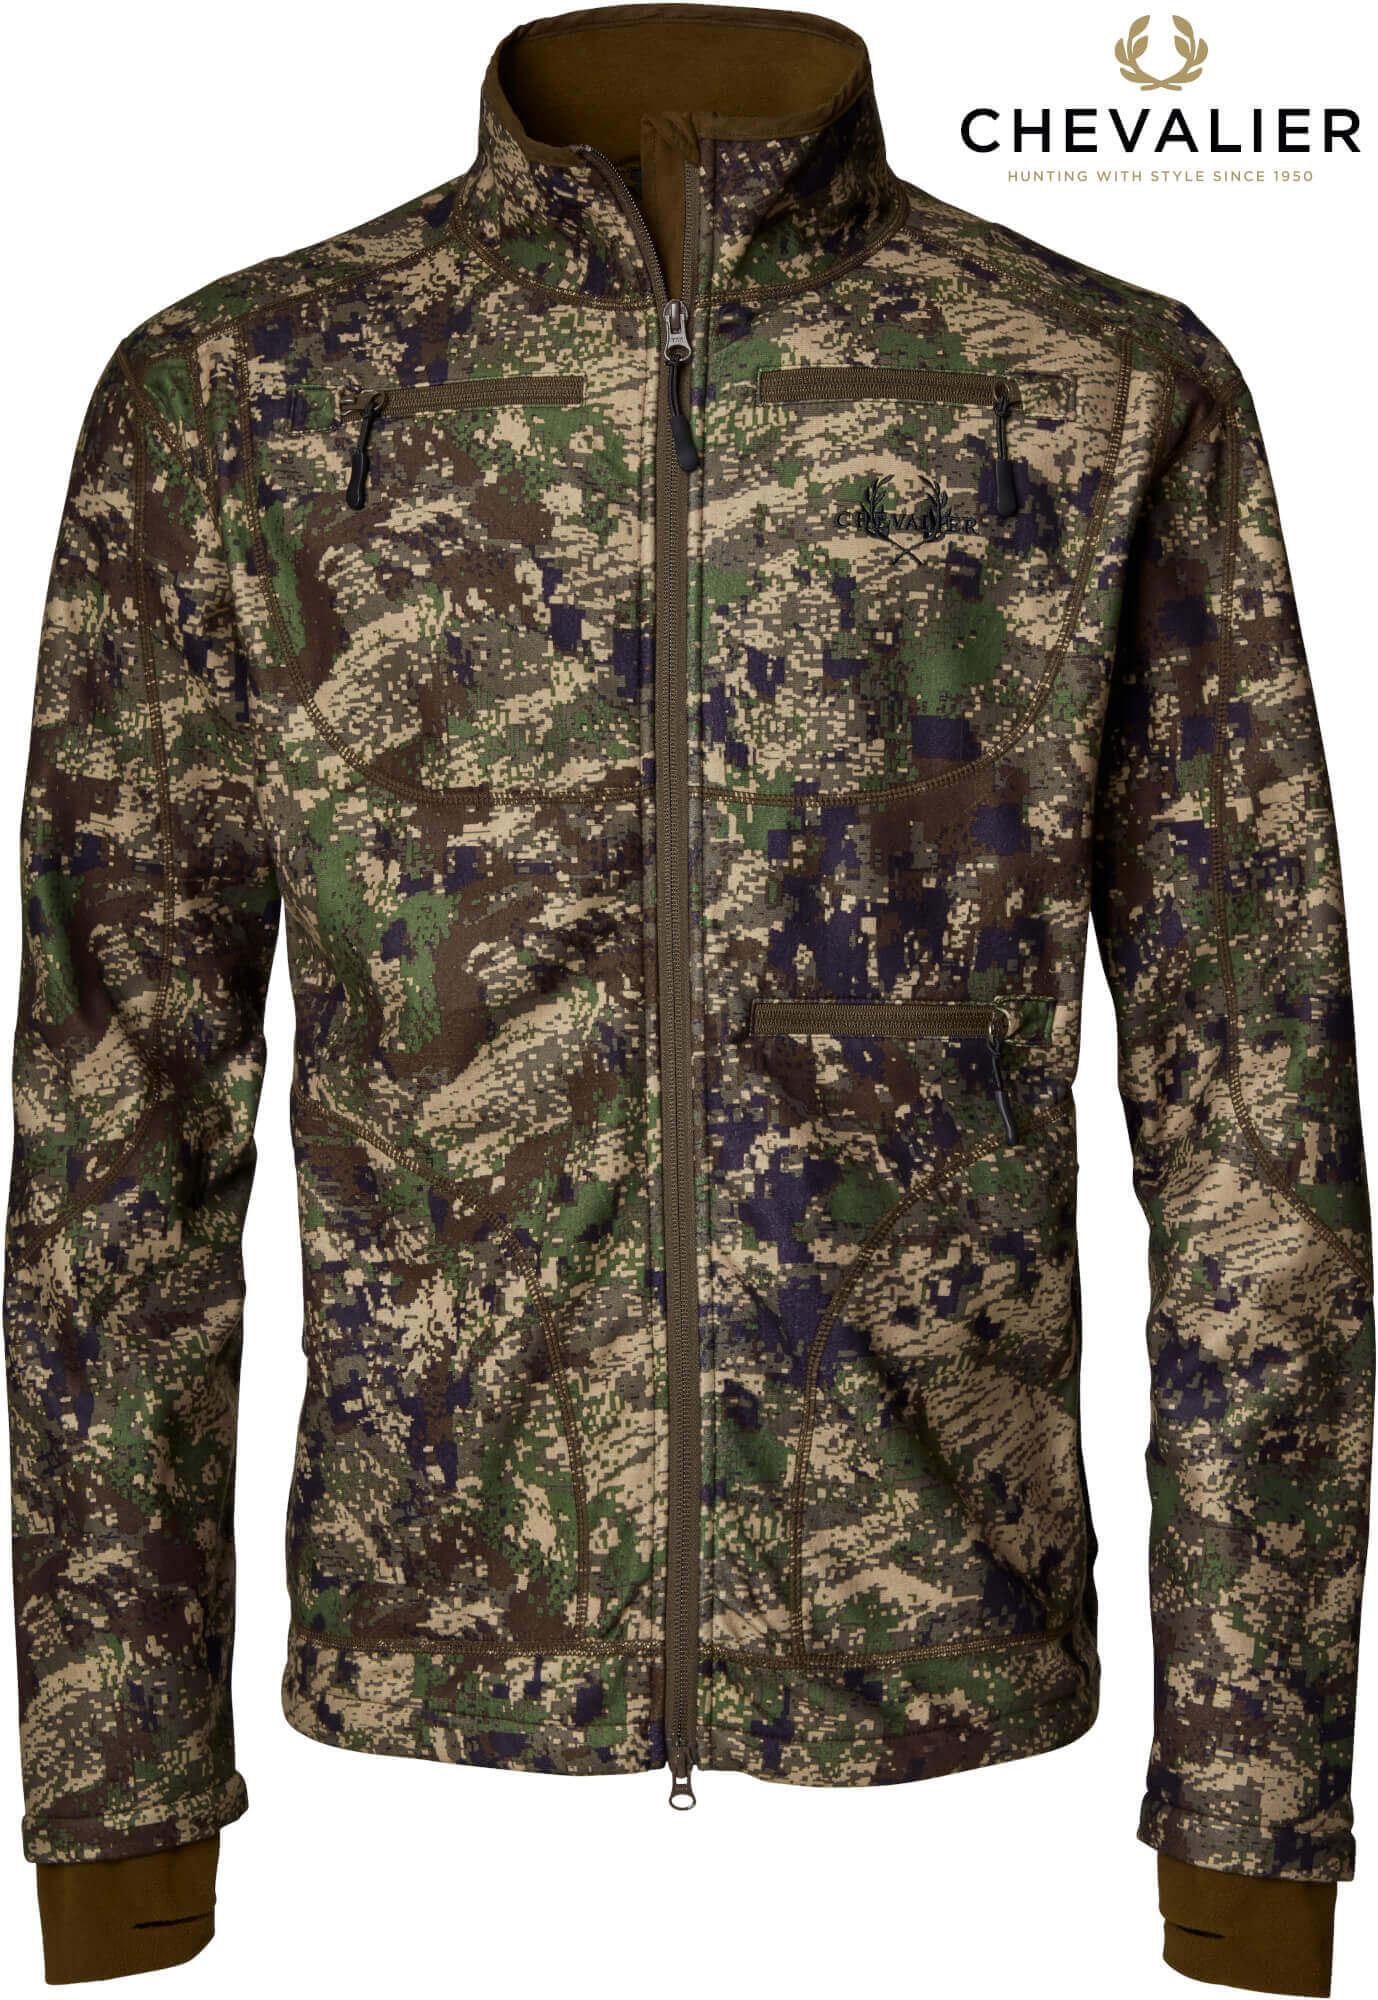 Camouflagejacke Pixelcamo wendbar oliv/Pixelcamo von Chevalier